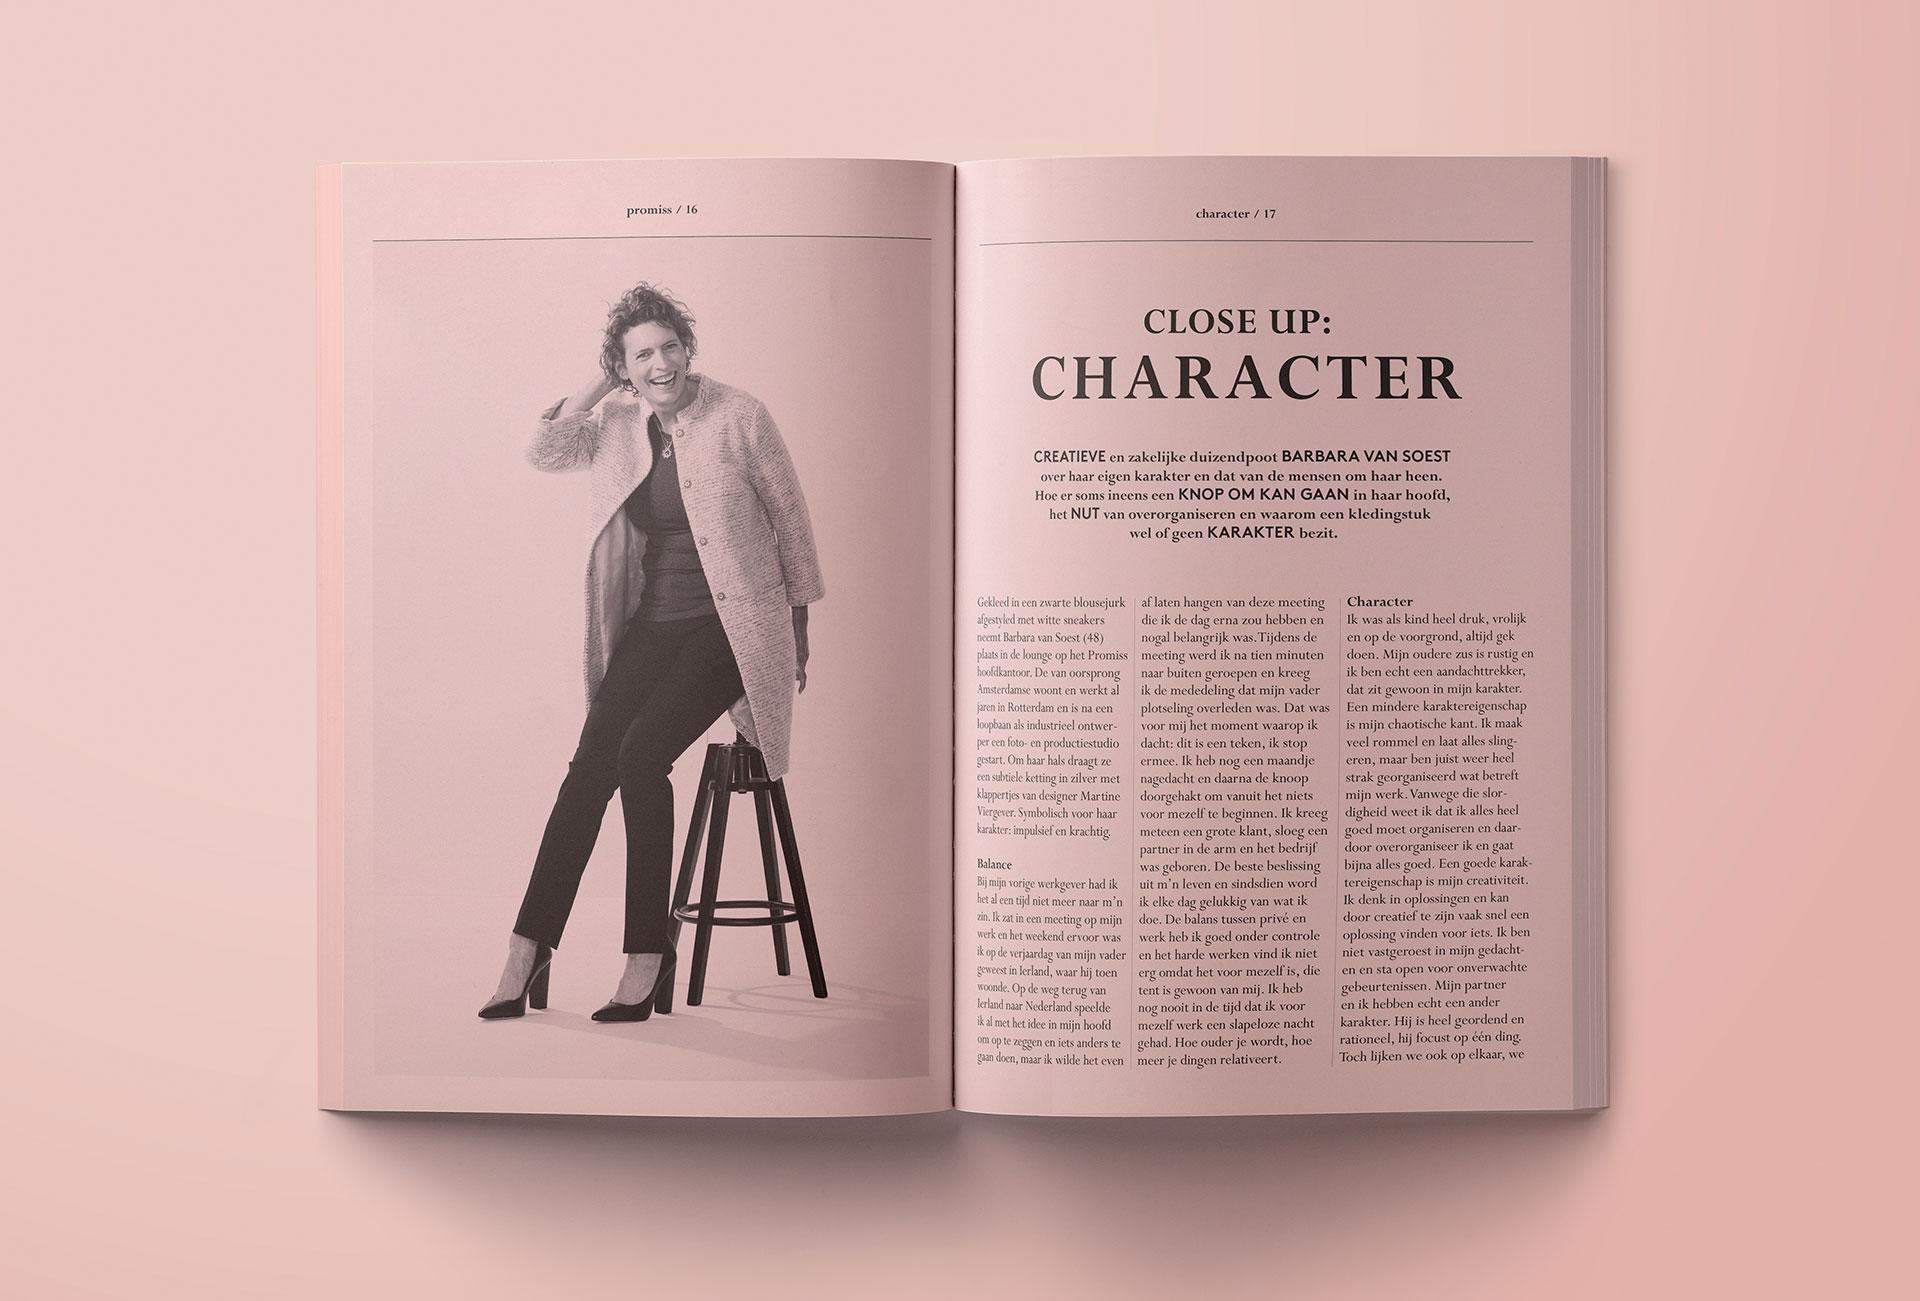 branding_magazine_design_tamarapruis_3b